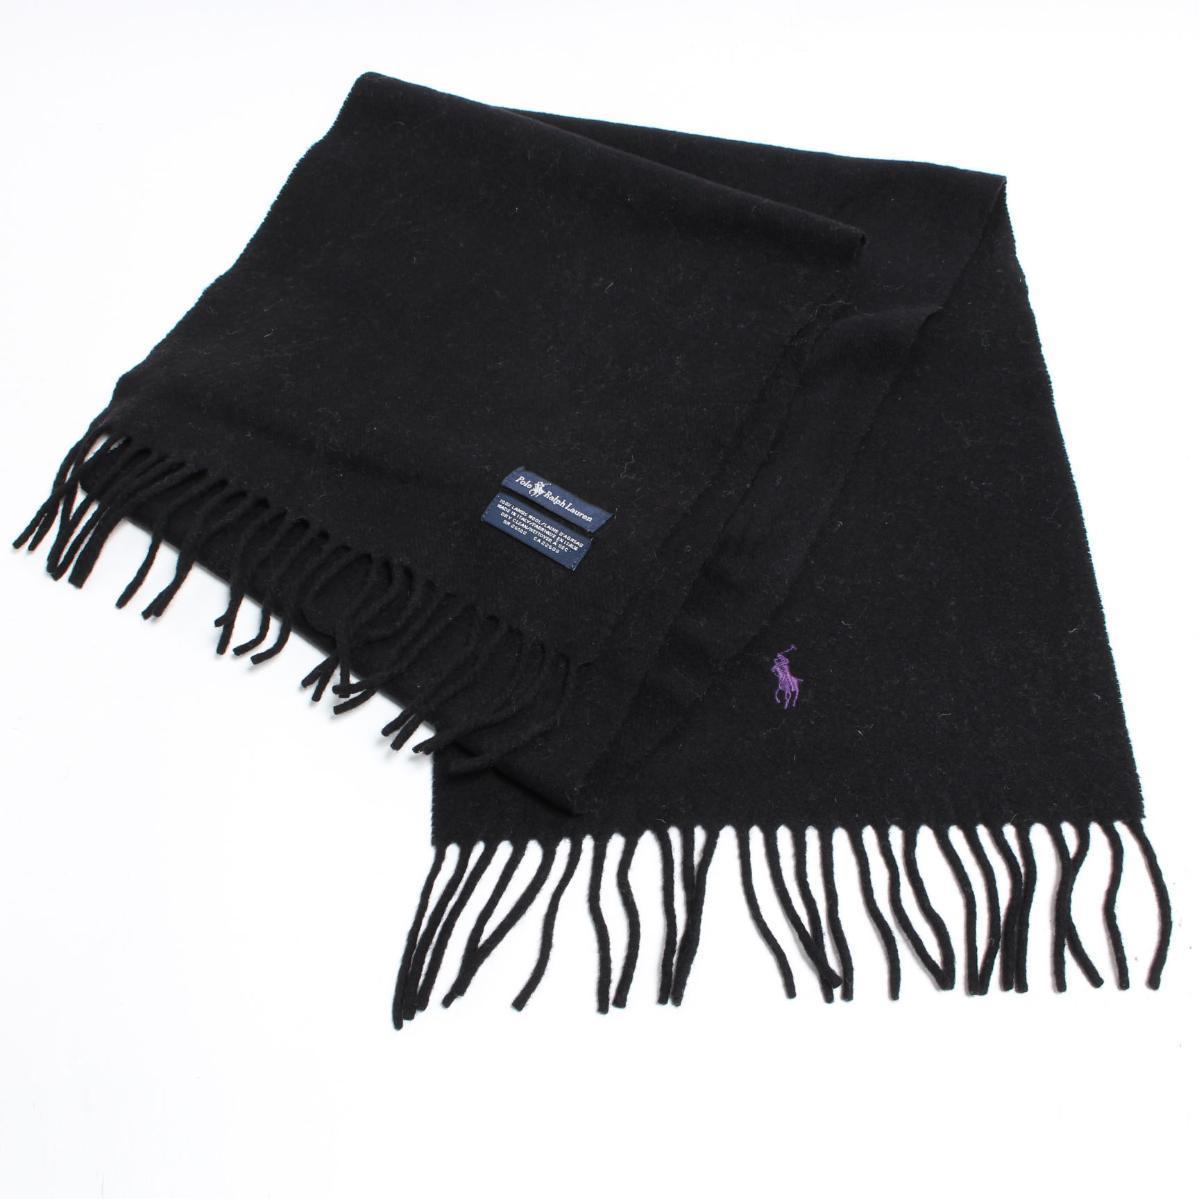 bf9c2c1354 /anb8934 made in Ralph Lauren Ralph Lauren Polo Ralph Lauren wool scarf  Italy